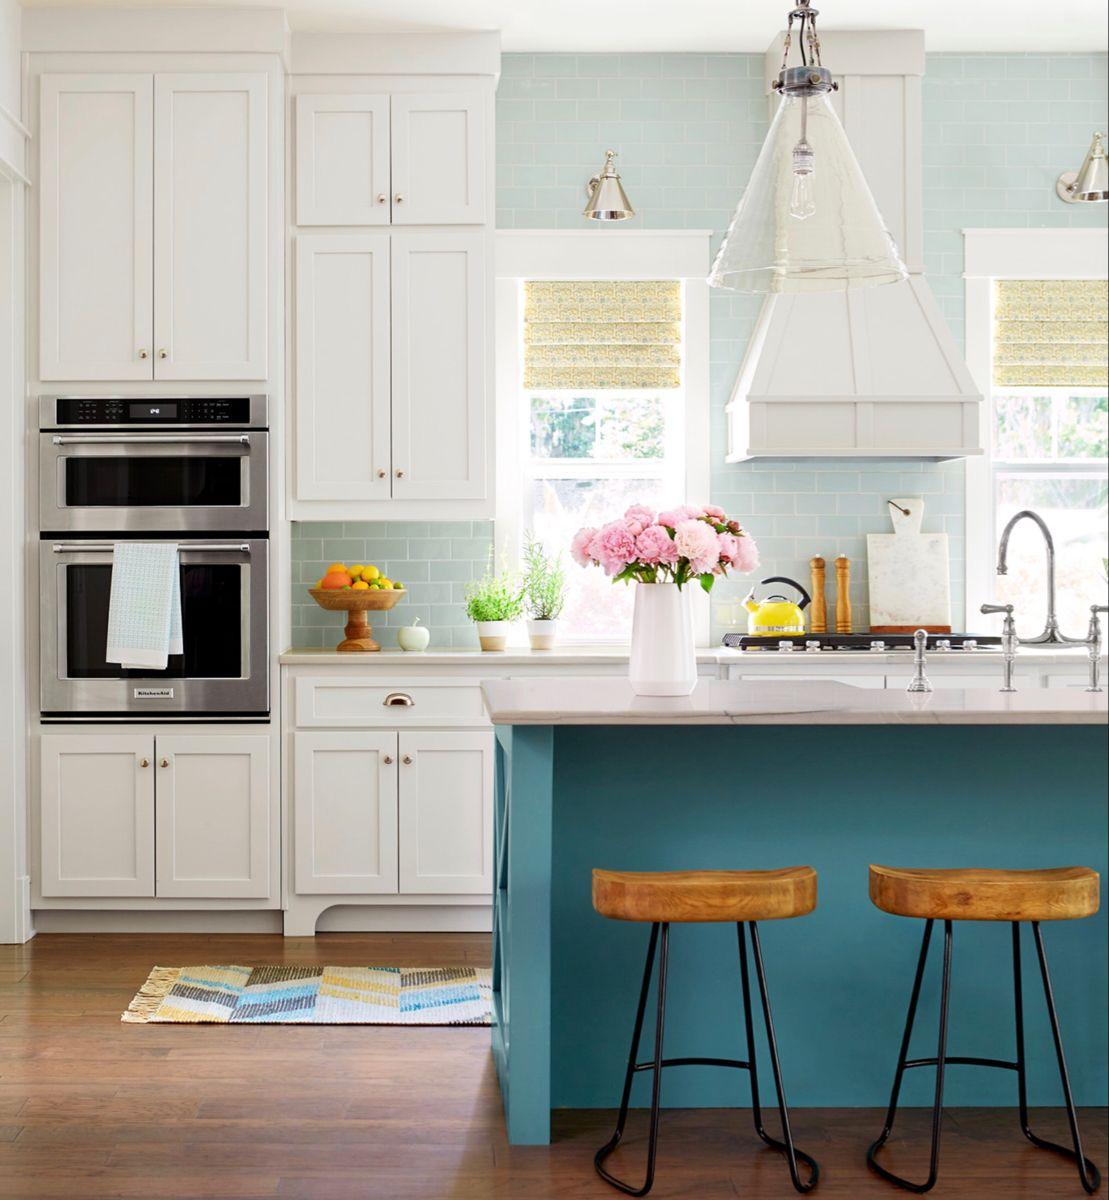 Kitchen remodel ideas in 2020 hgtv kitchens coastal